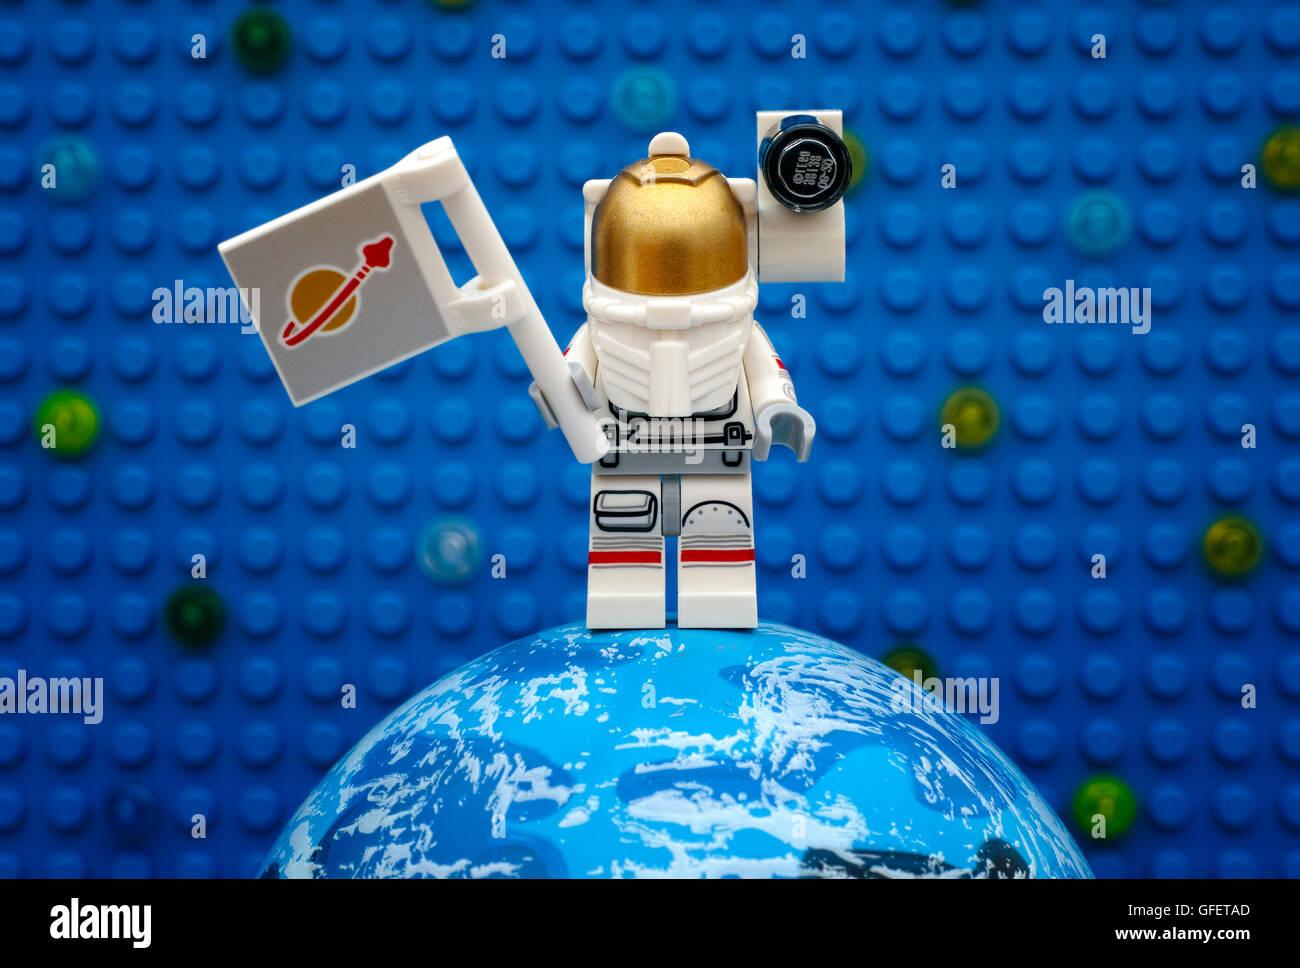 Tambow, Russische Föderation - 6. Juli 2016 Lego Spaceman Minifigur mit Flagge auf Planeten gegen Lego blaue Stockbild